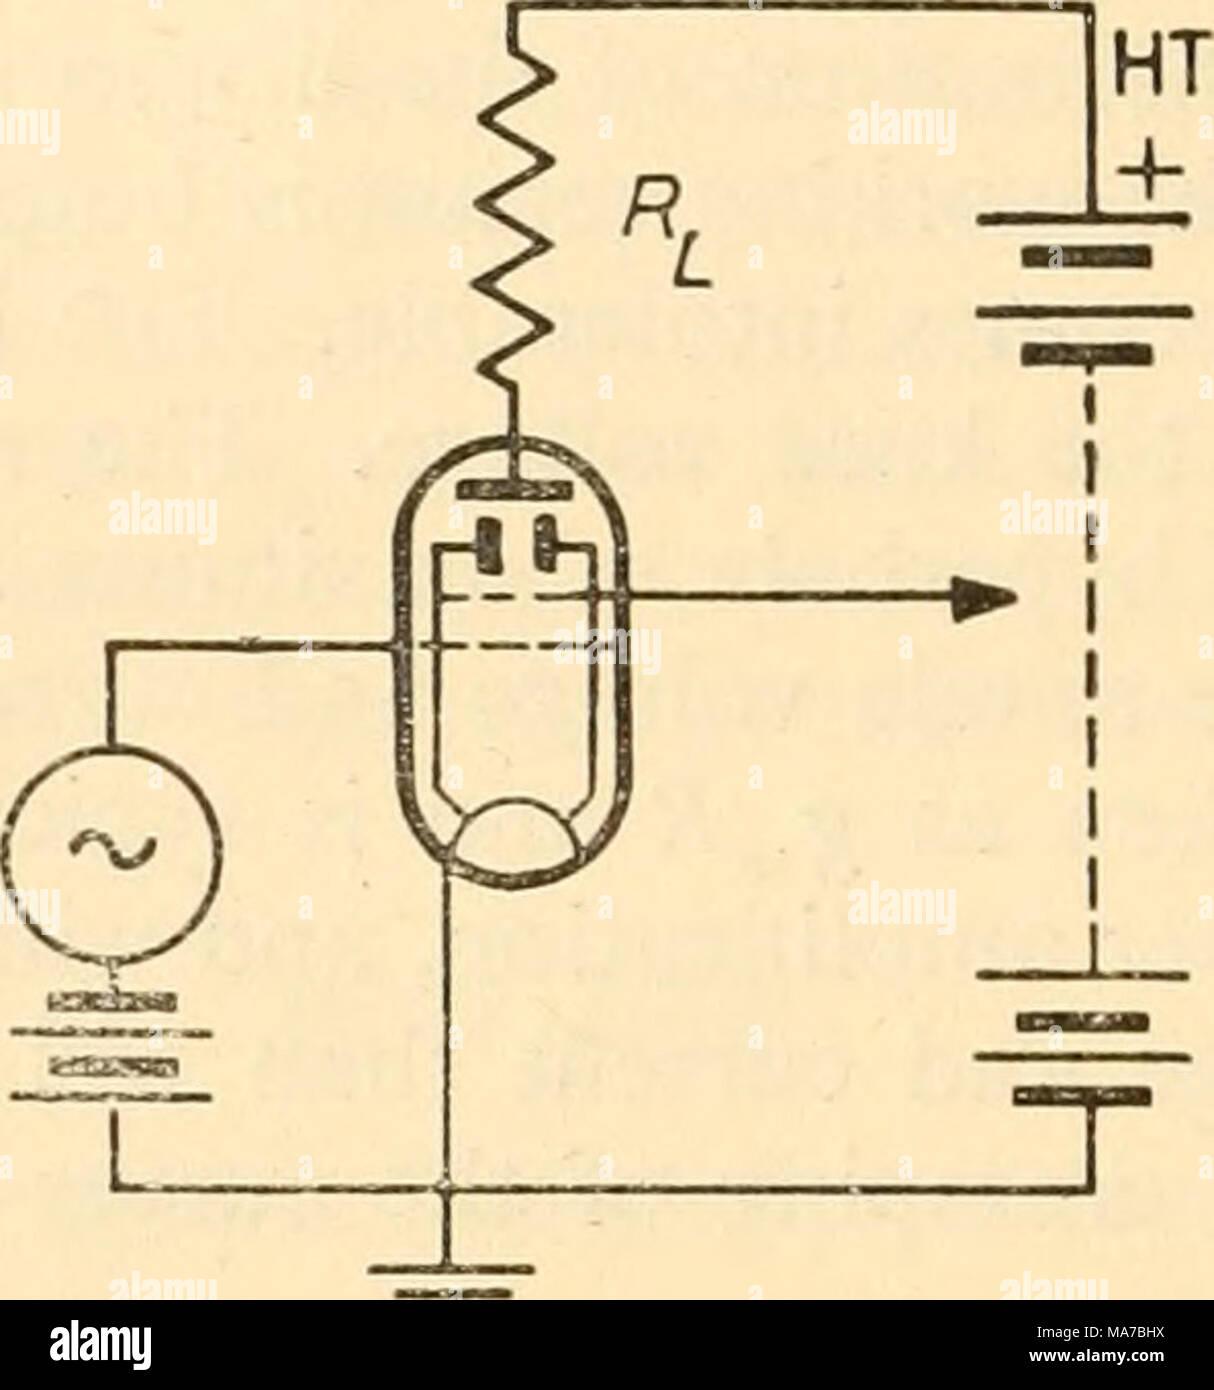 Simple Circuit Stockfotos & Simple Circuit Bilder - Seite 3 - Alamy